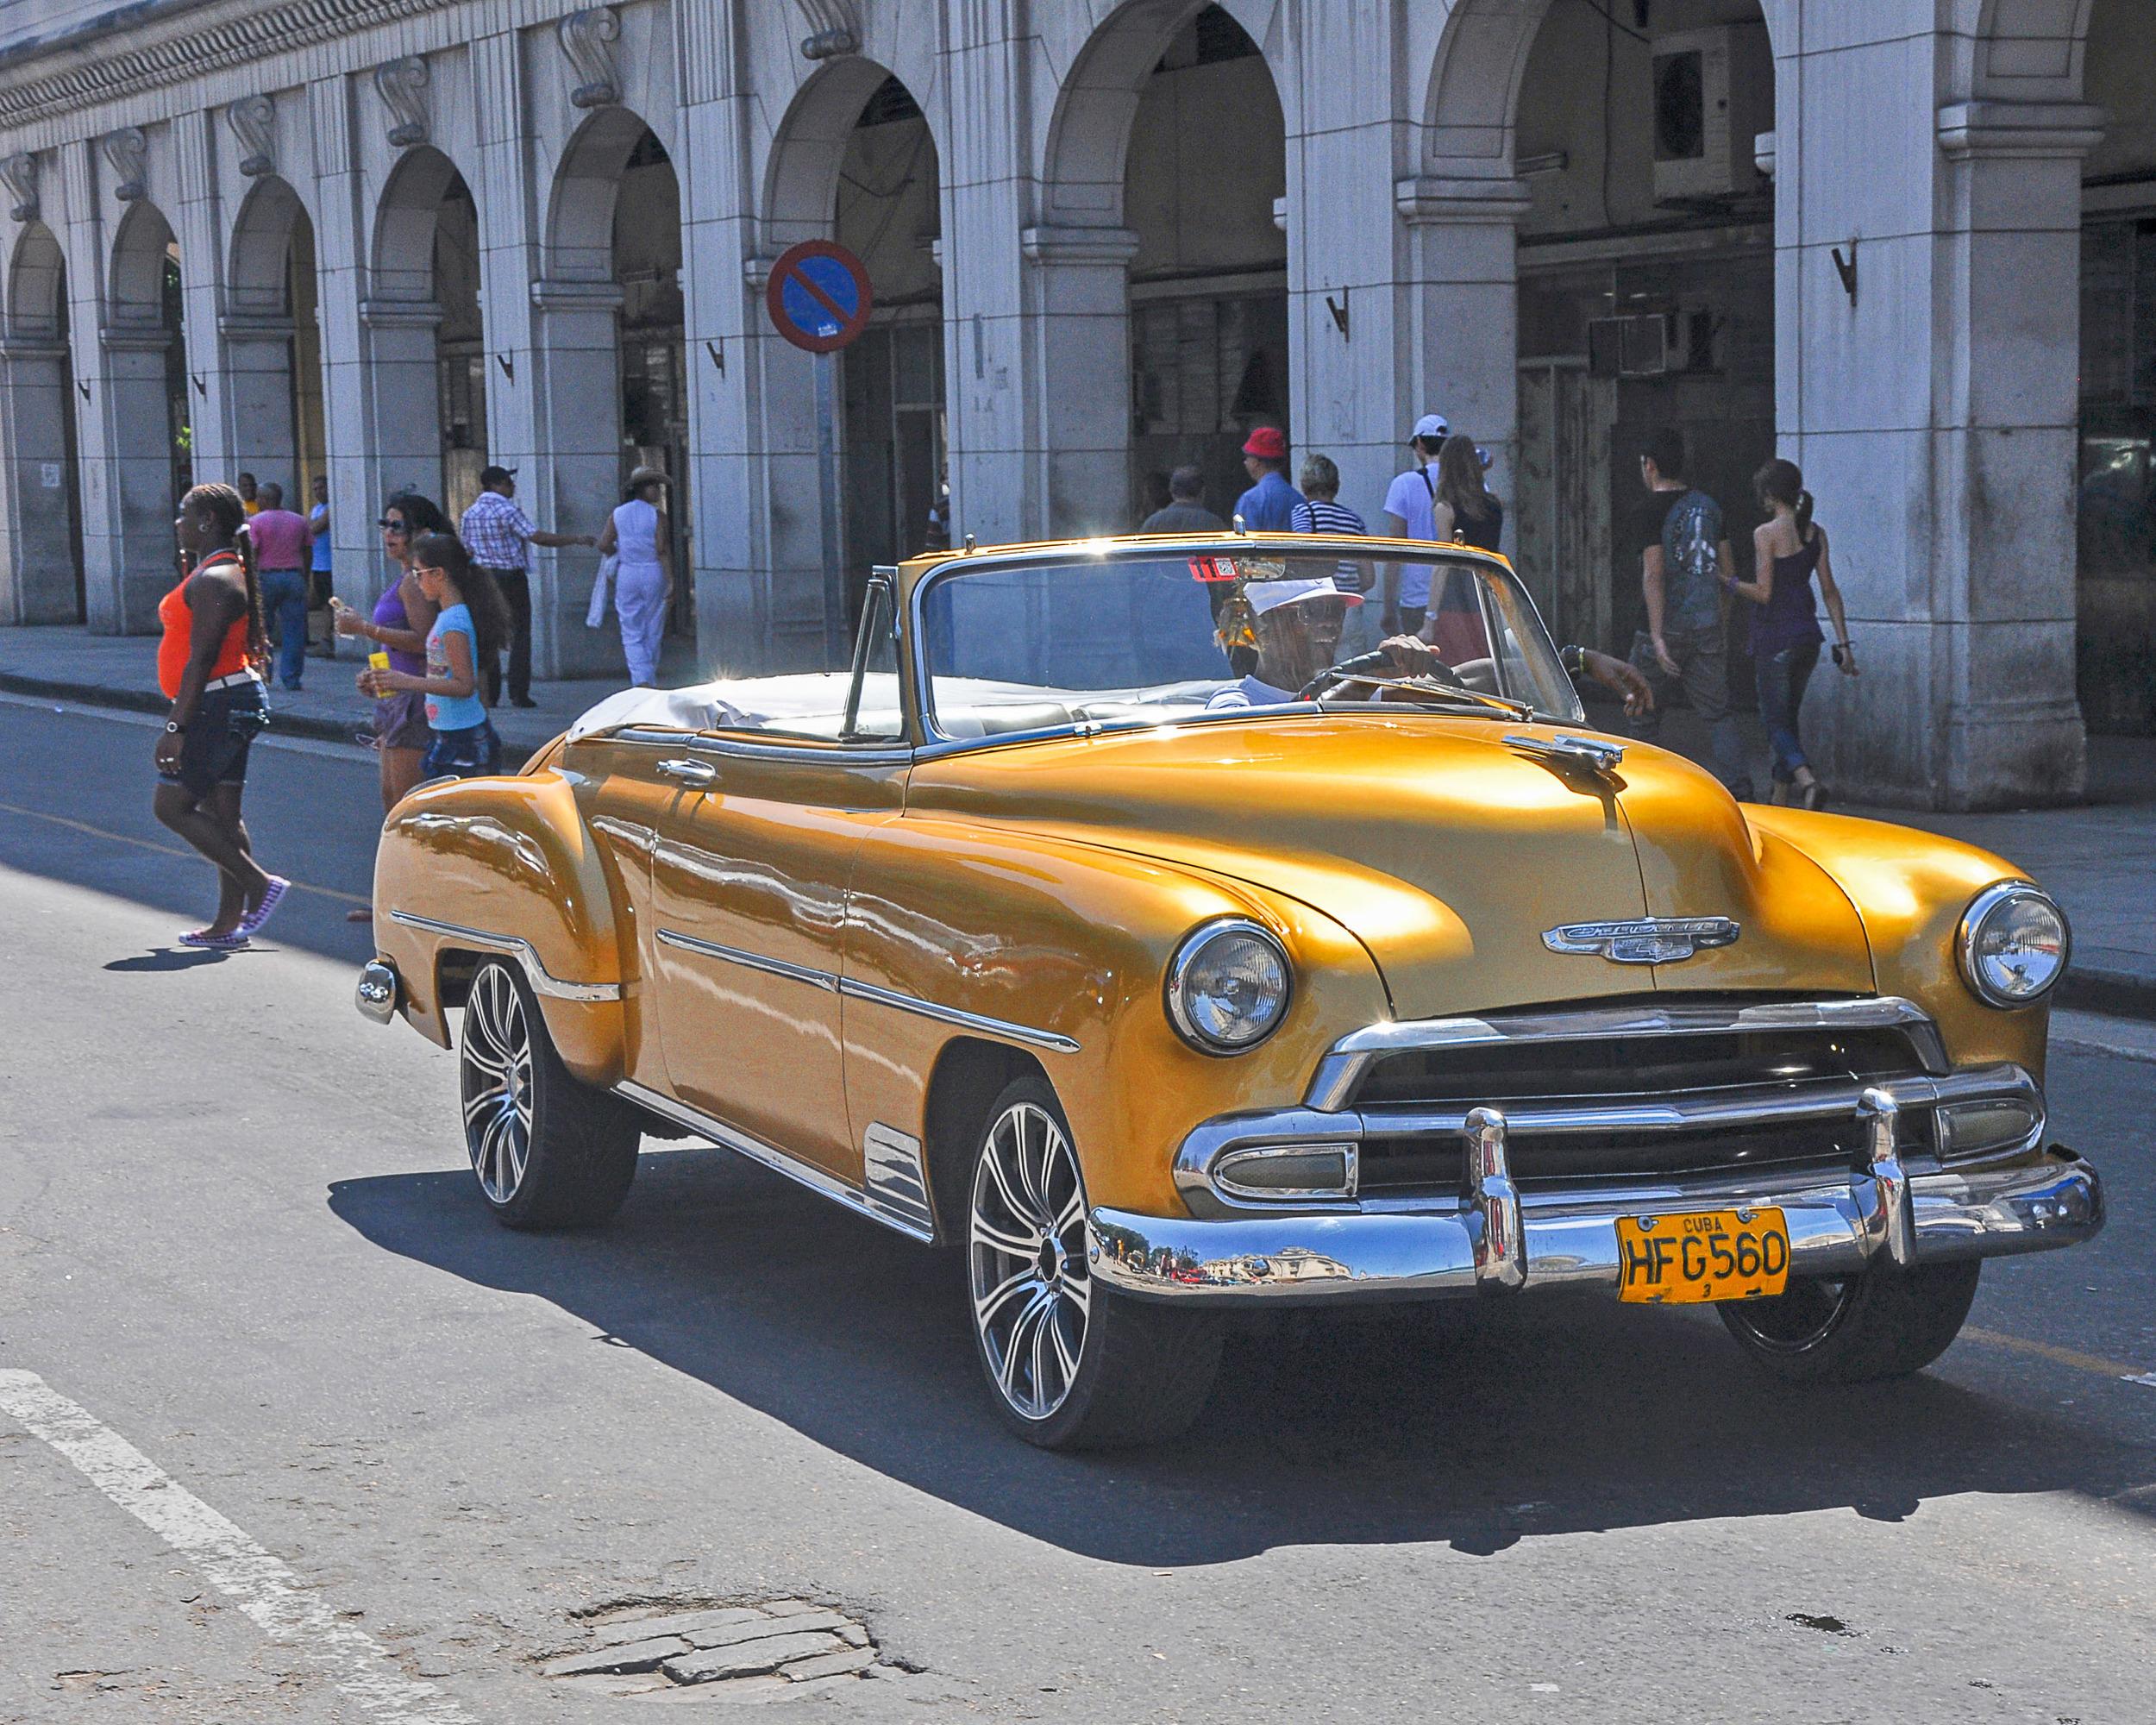 151214 Cuba Car Gold 8x10-2039130602.jpg